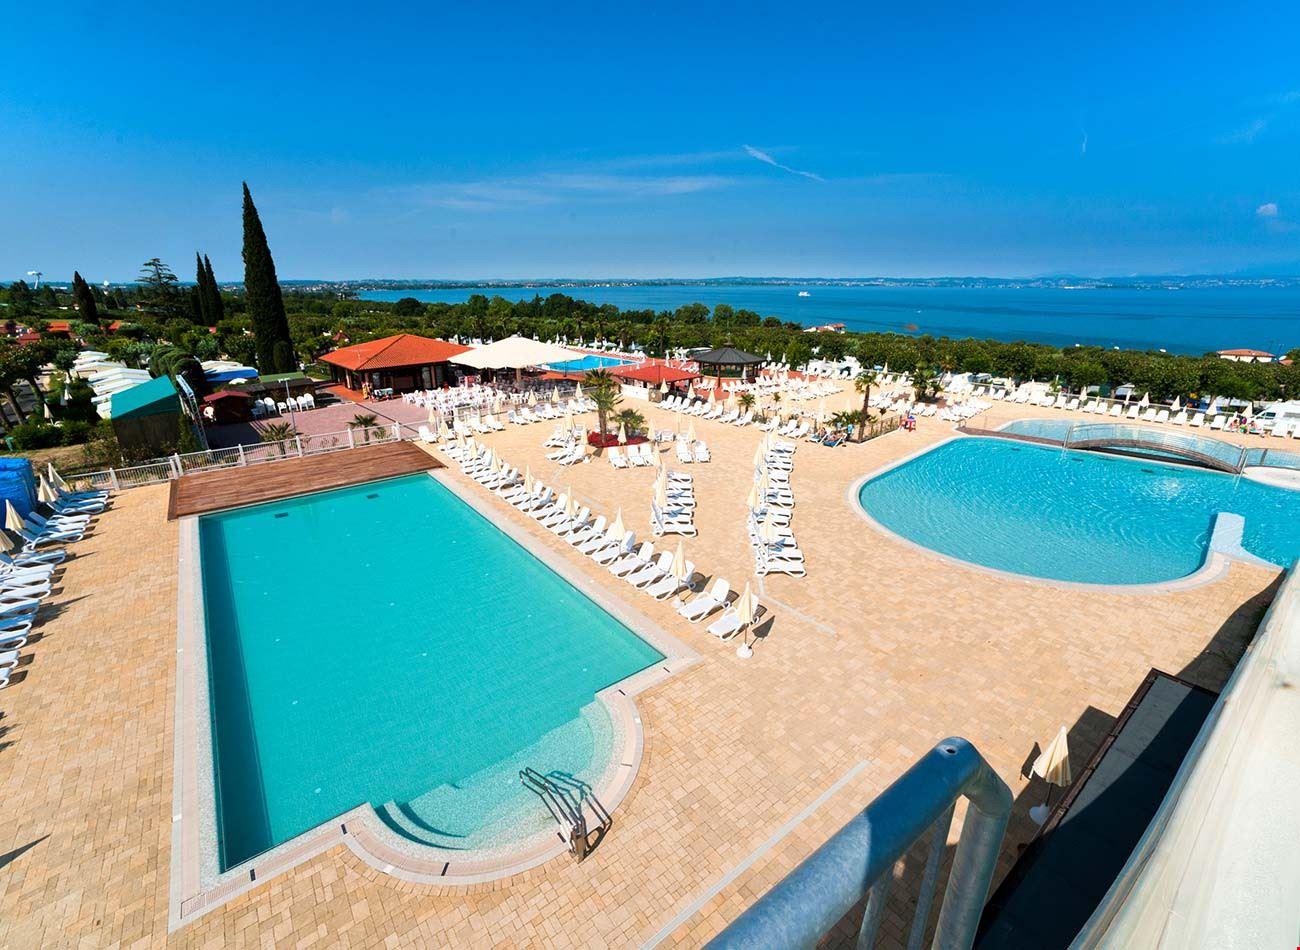 Camping con piscine sul Lago di Garda